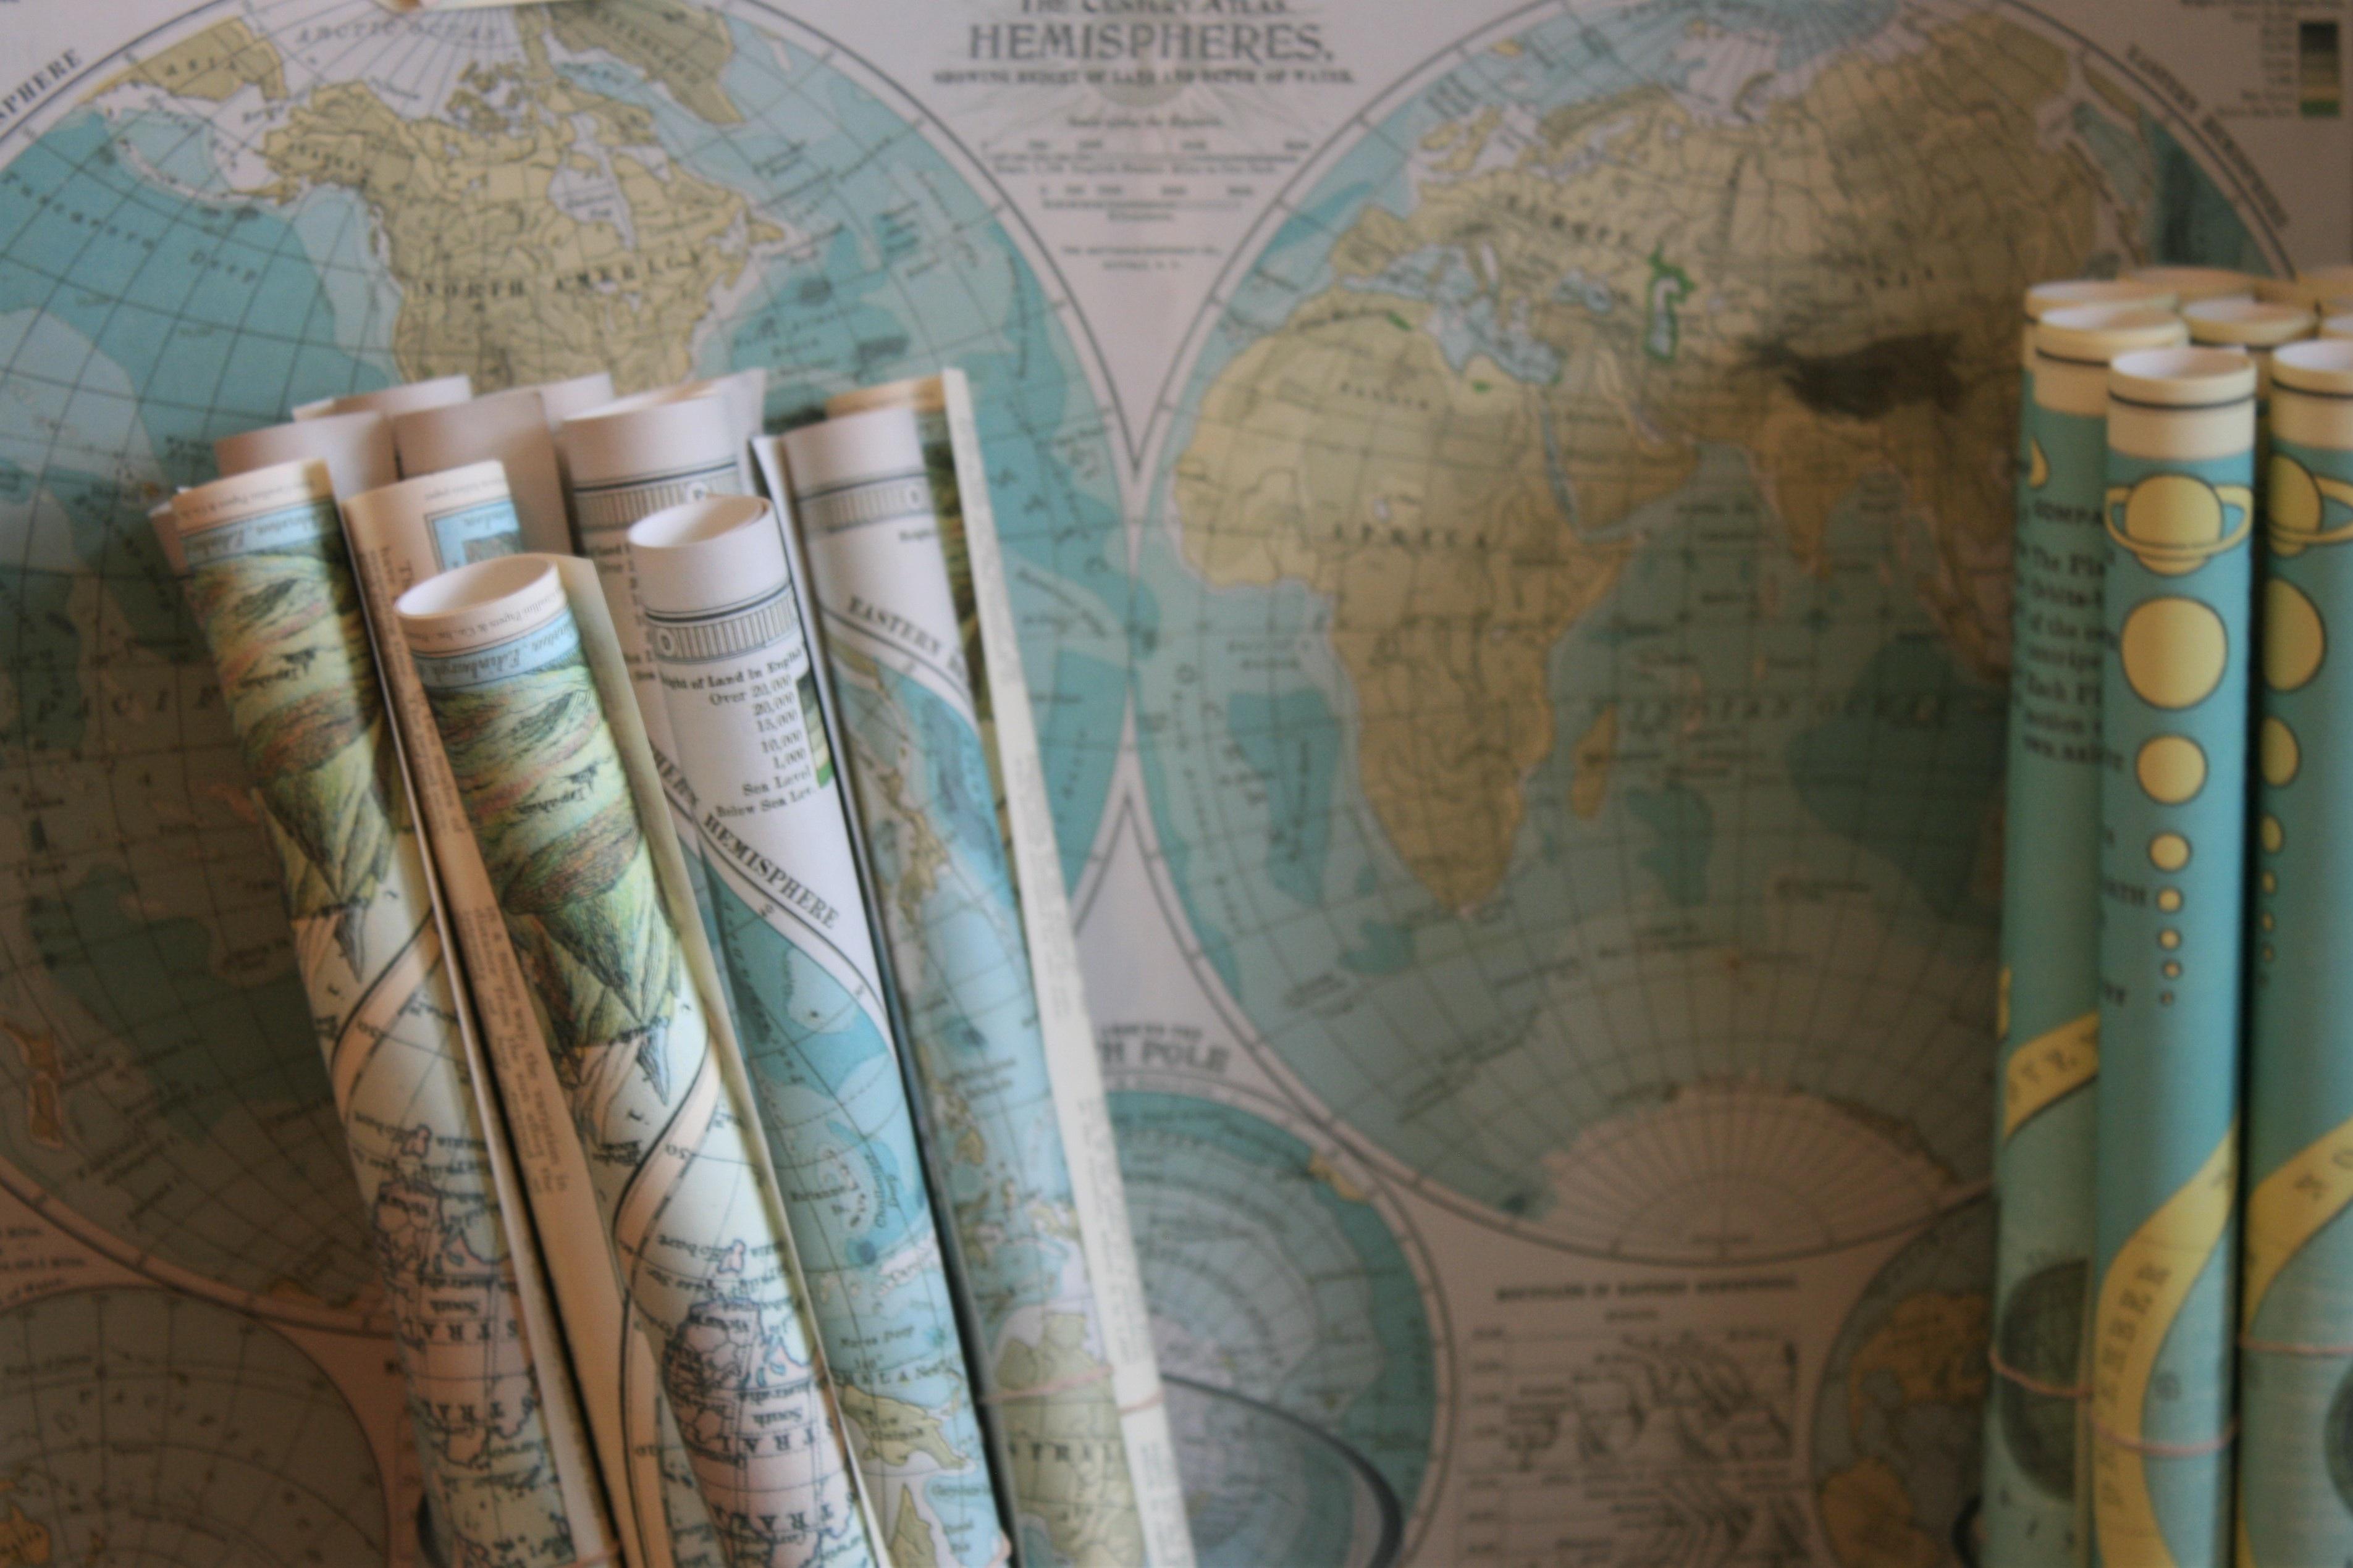 Innenarchitektur Geschichte kostenlose foto abenteuer säule karte innenarchitektur wandern